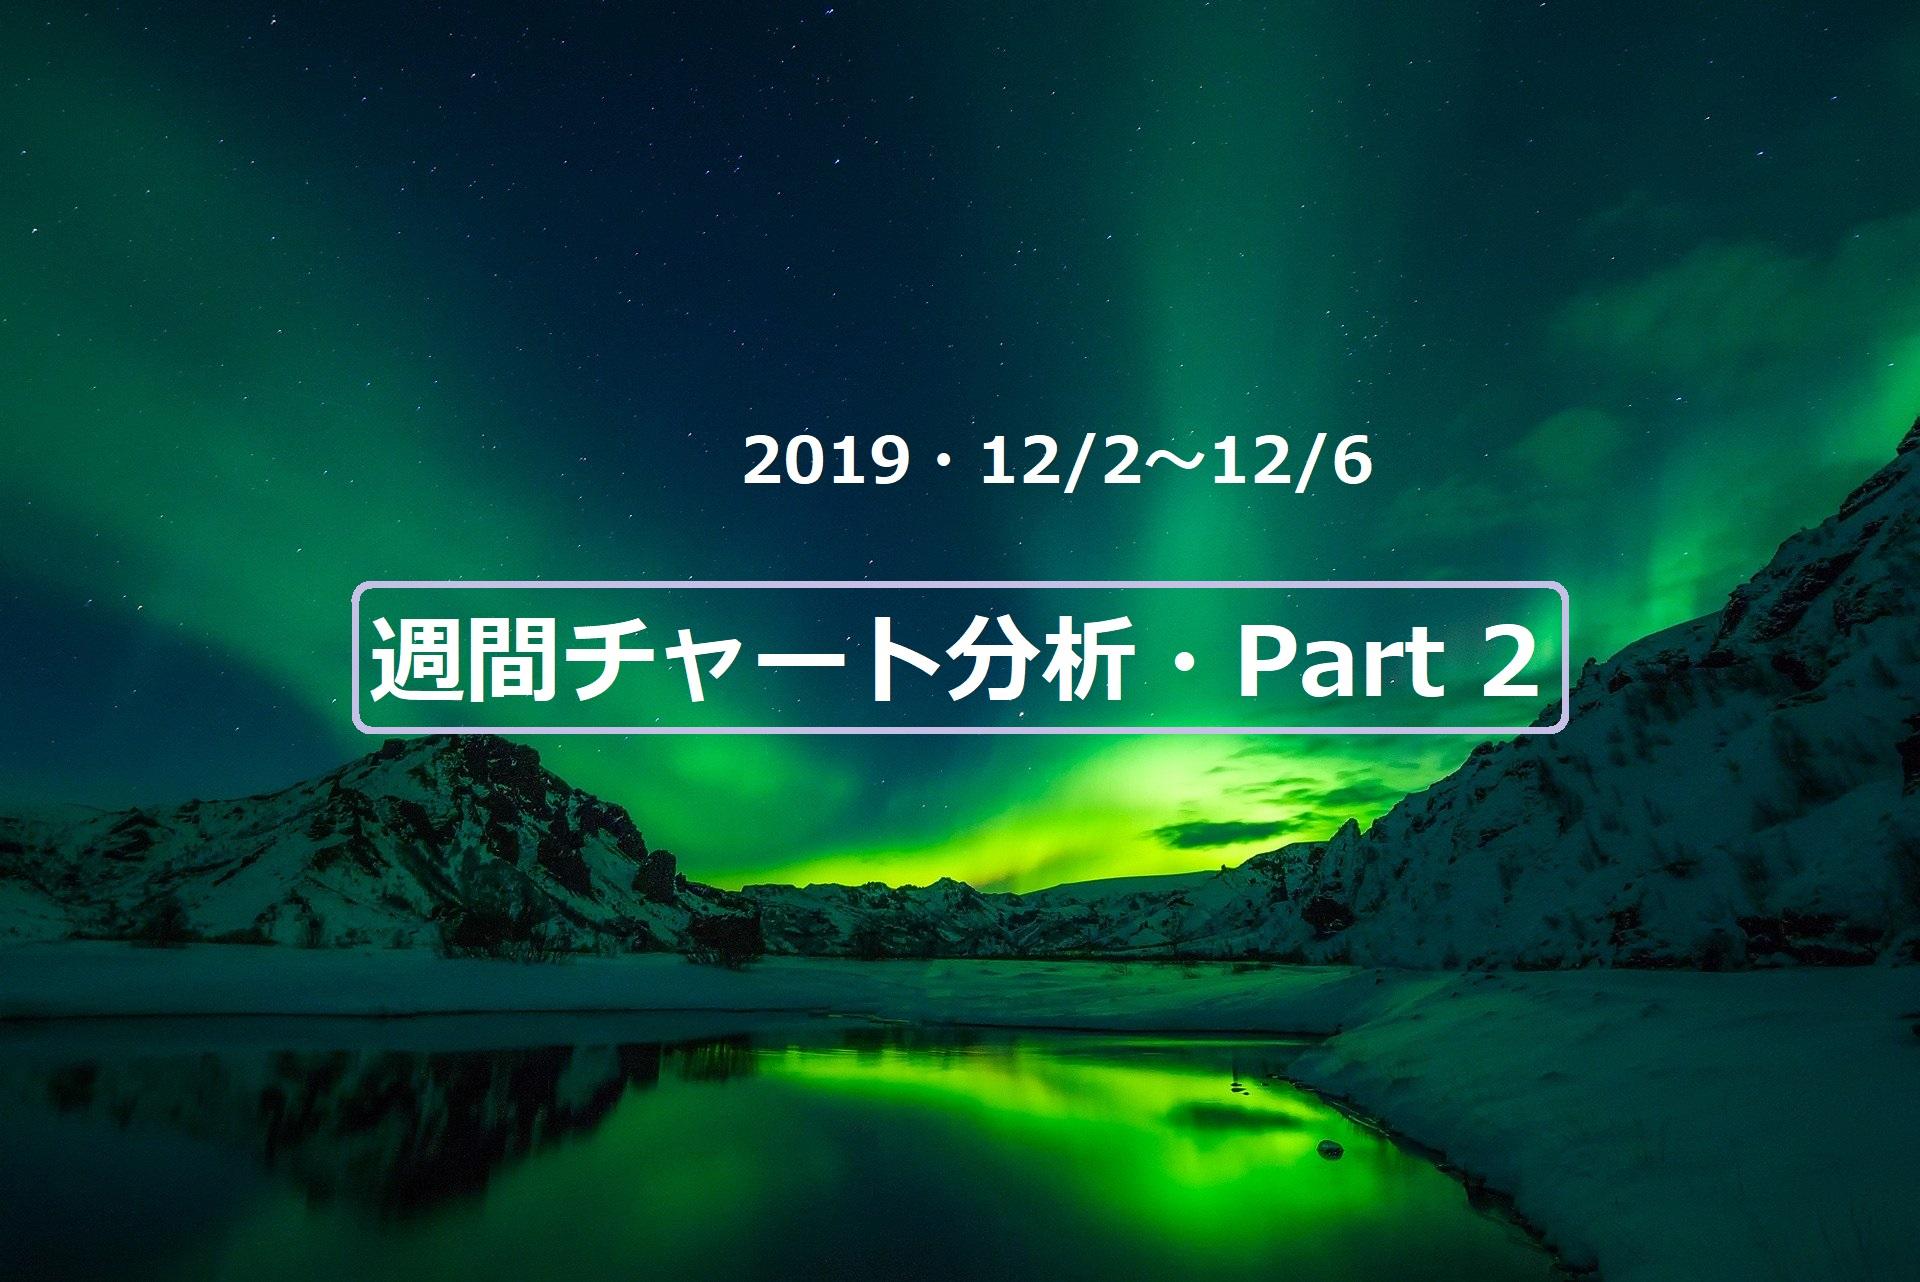 【FX】週間チャート分析【2019・12/2~12/6】【Part 2】